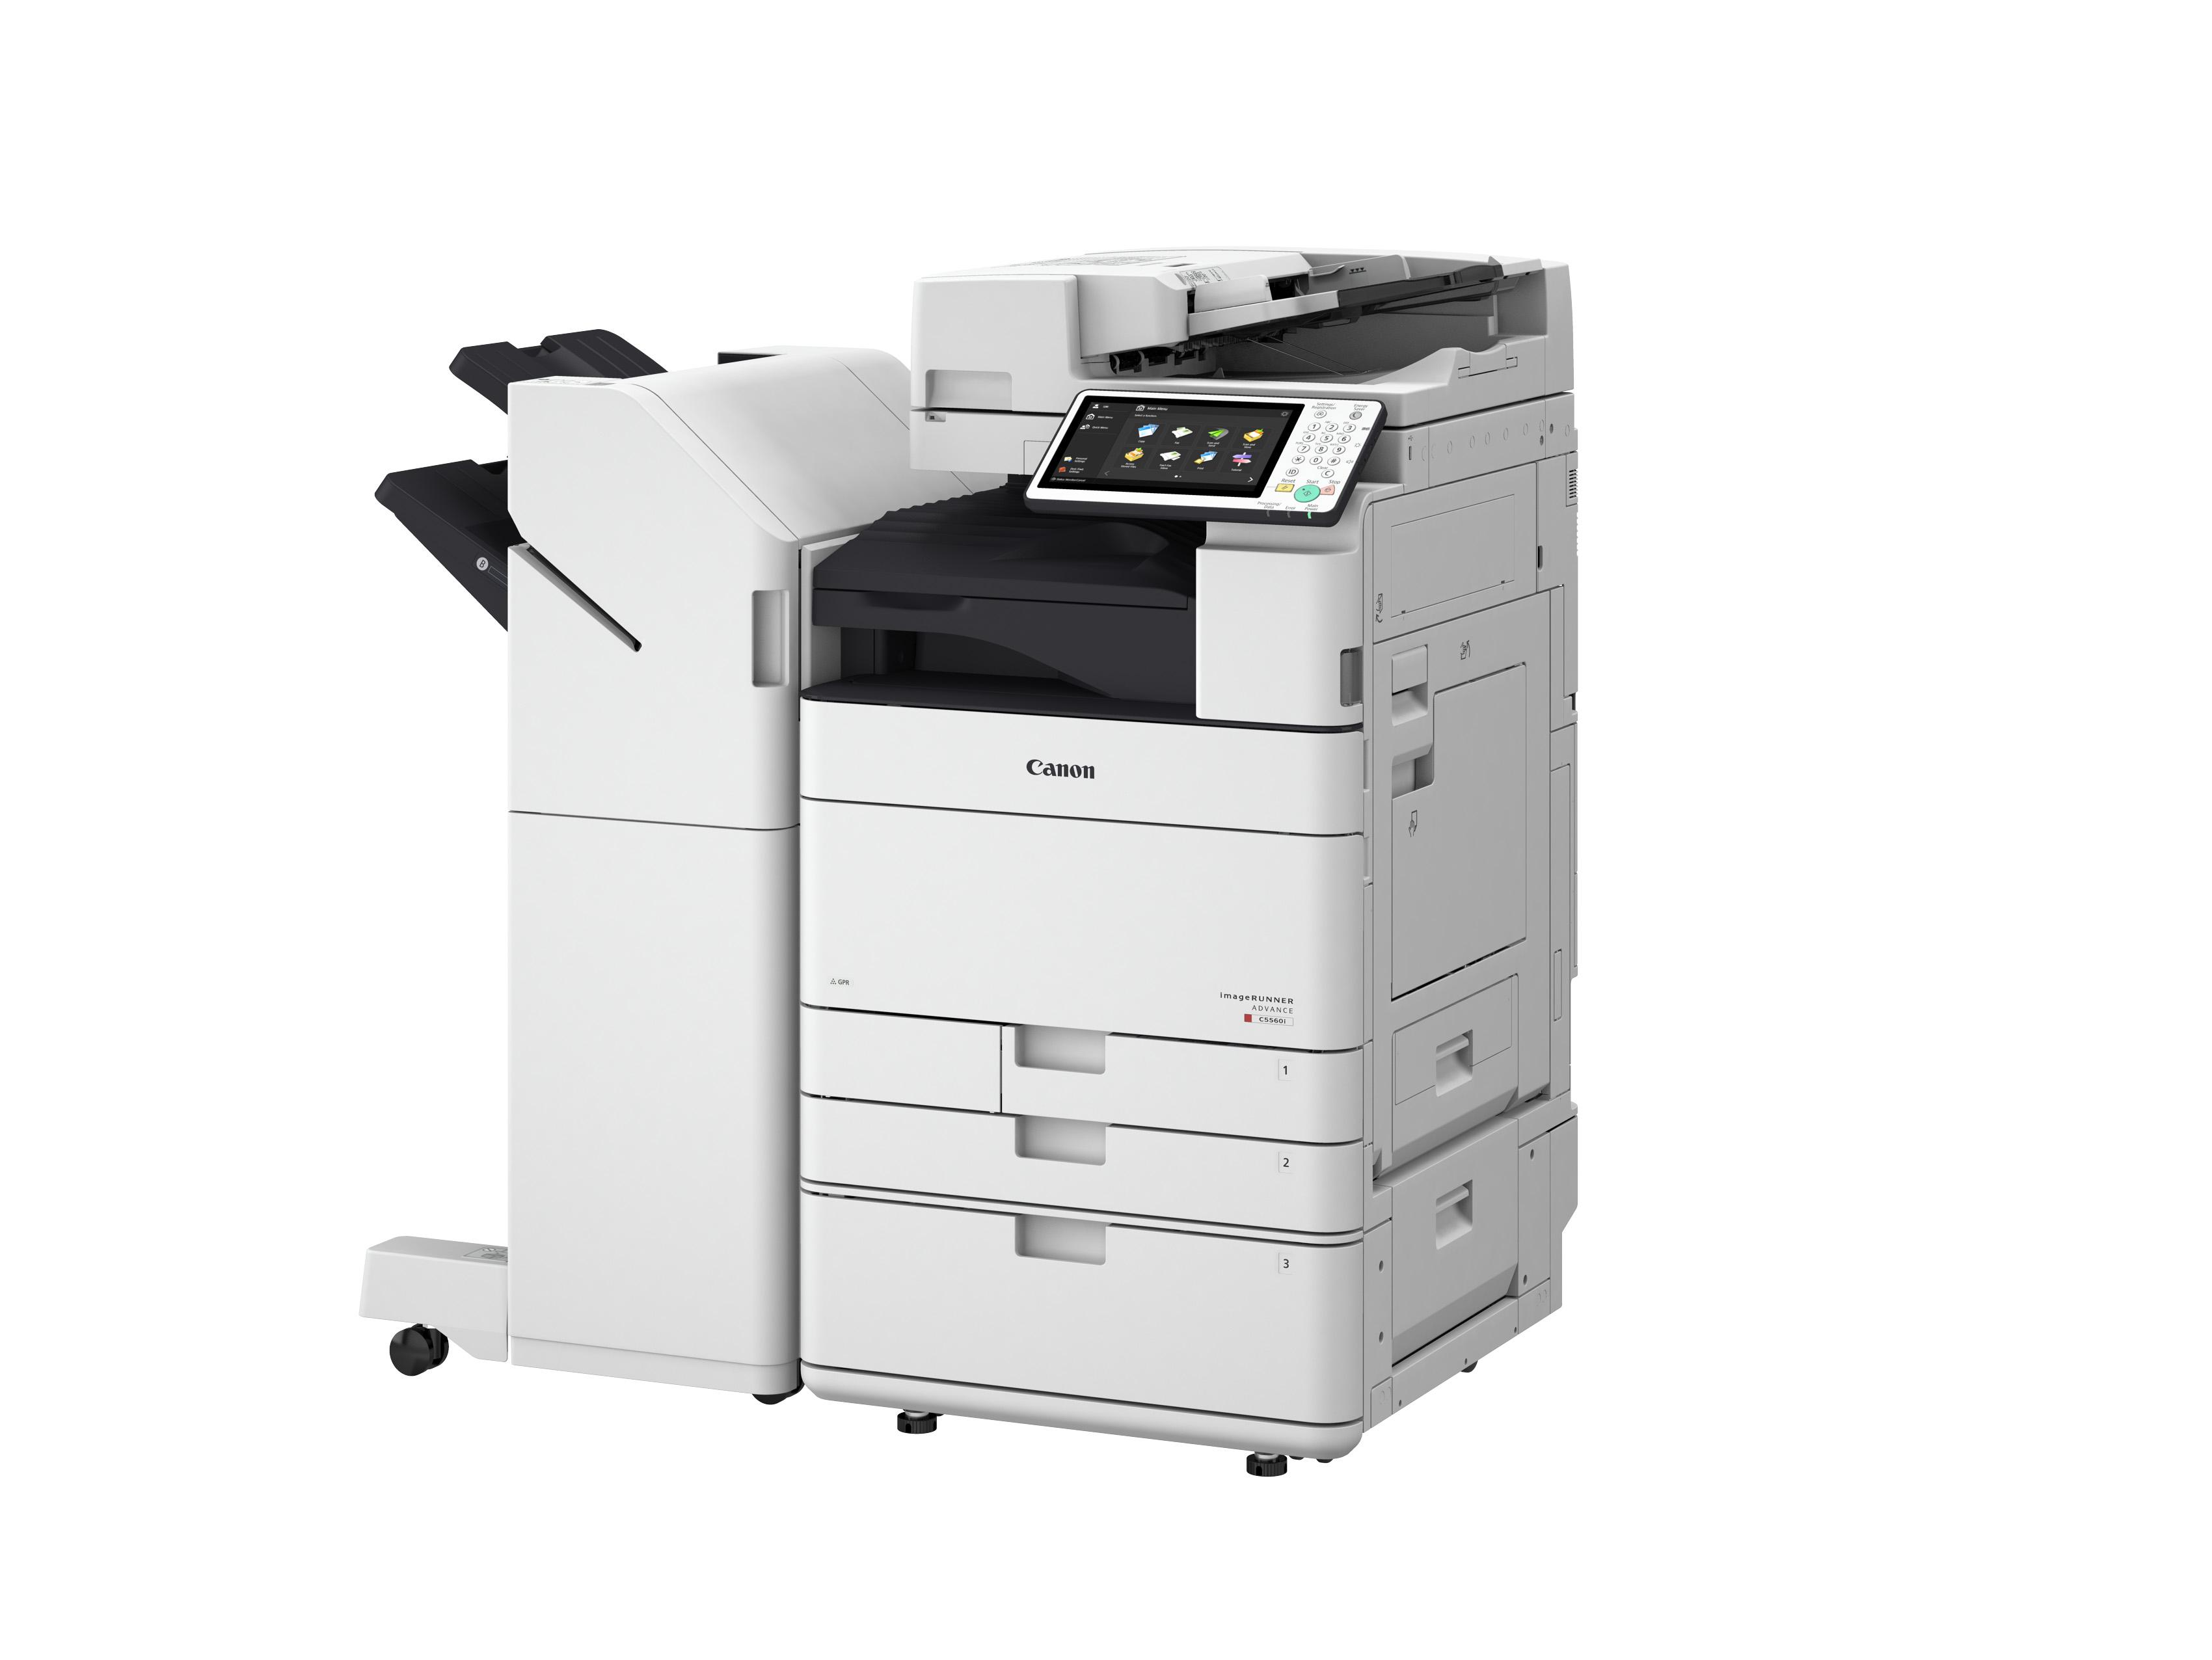 CANON - ImageRUNNER Advance C5500 / C7500 Series - Multifuncionales Avanzados para Departamentos